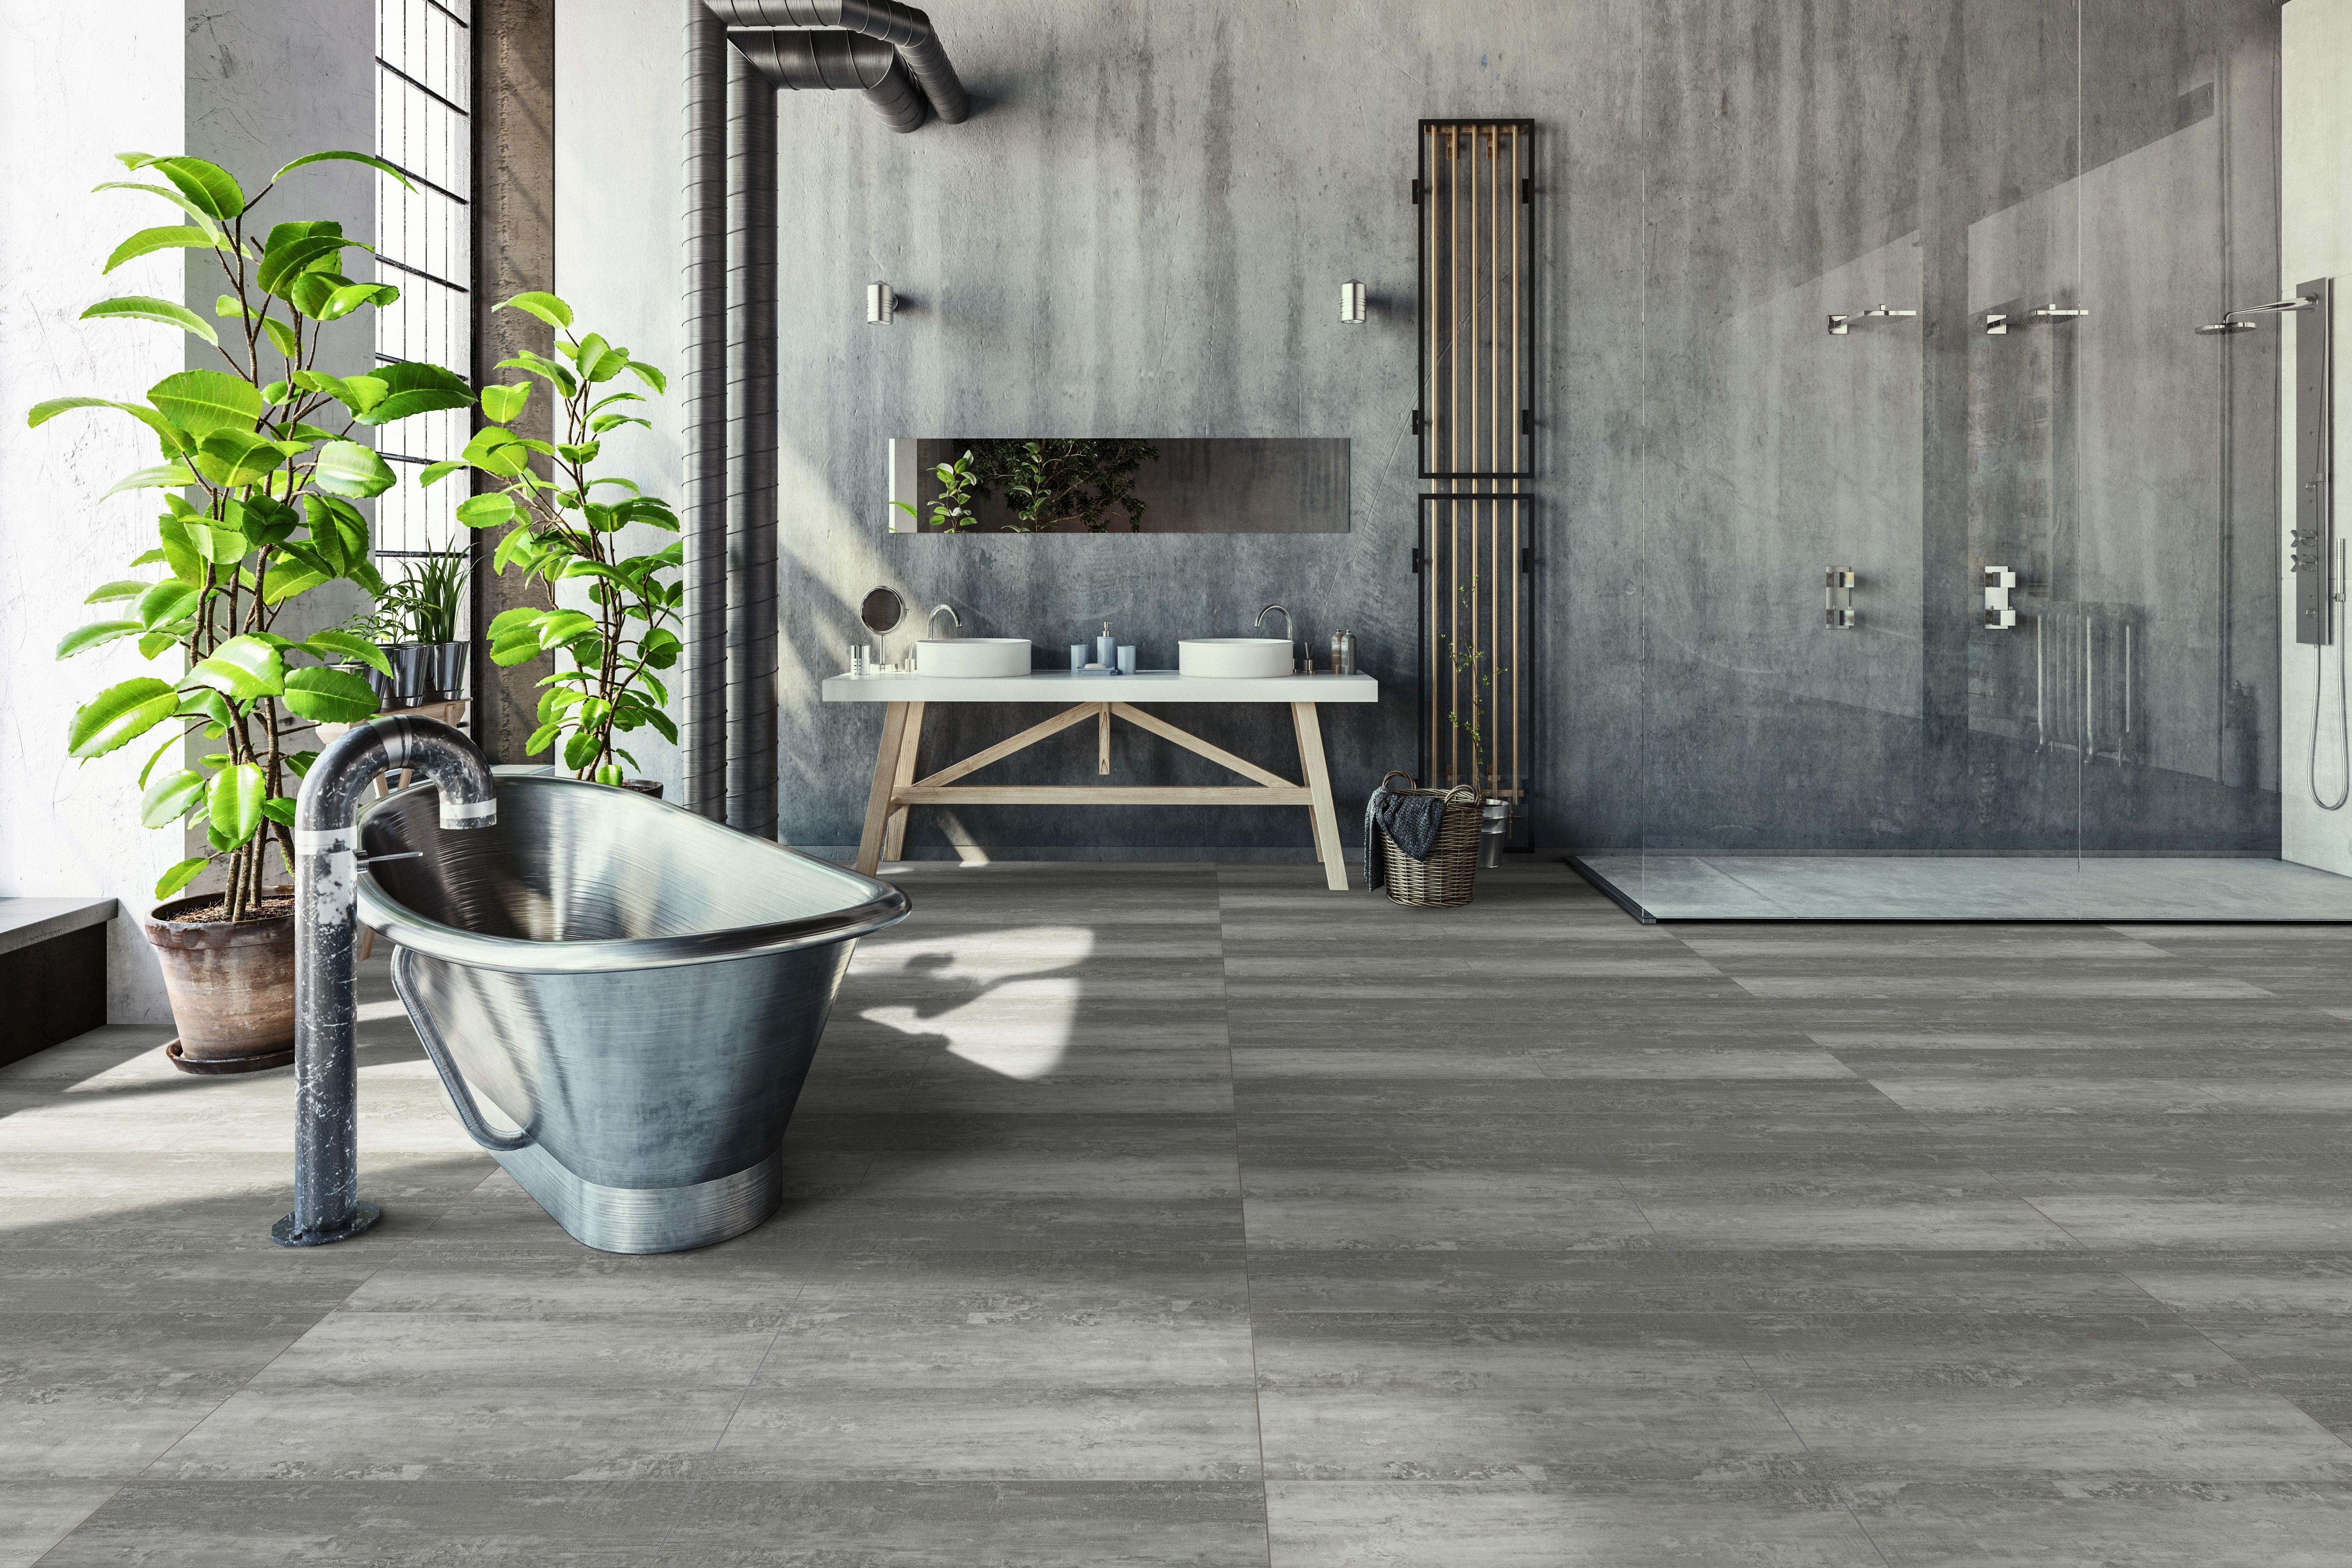 Revotec Style Ethos Color Milos Industrial Style Bathroom Grey Bathroom Interior Home Design Magazines